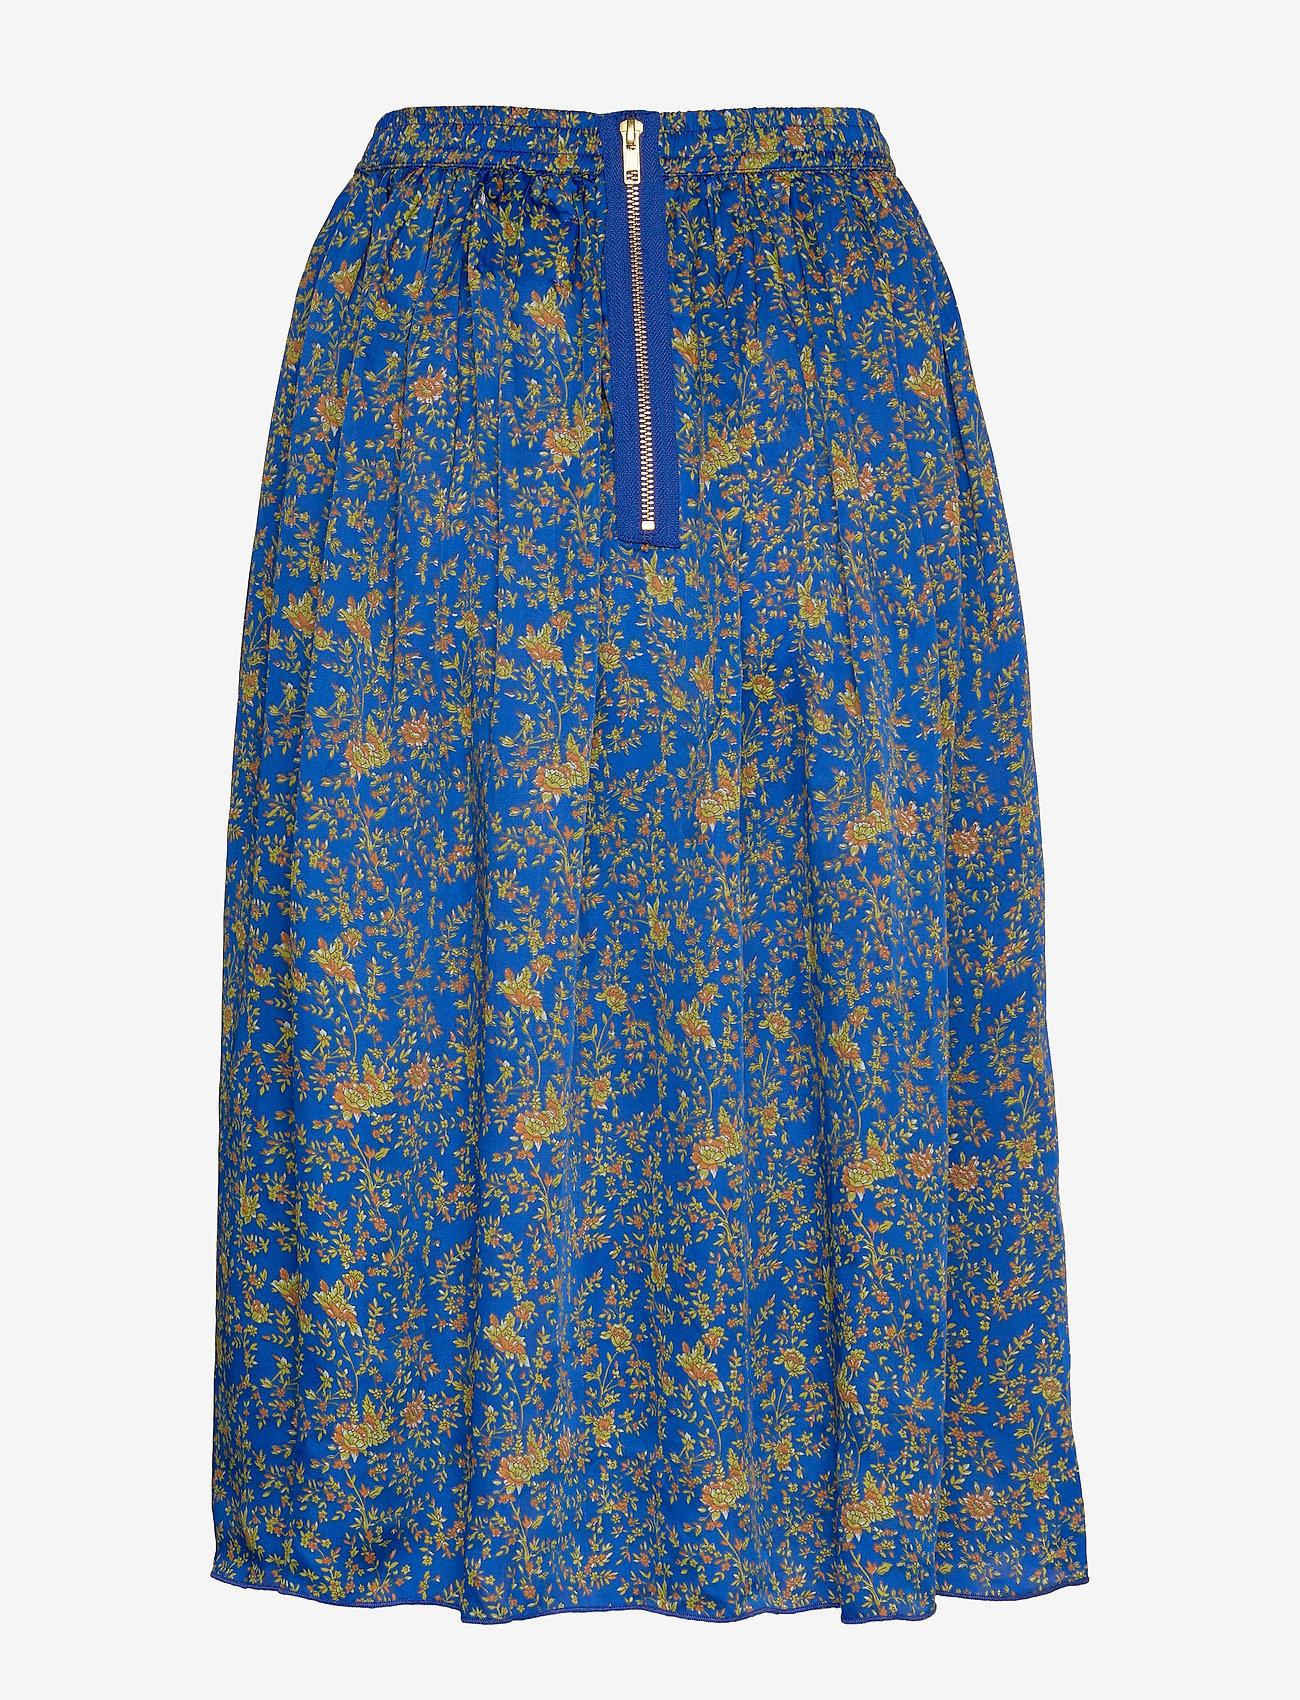 Pauline Skirt (Neon Blue) (806.25 kr) - Lollys Laundry